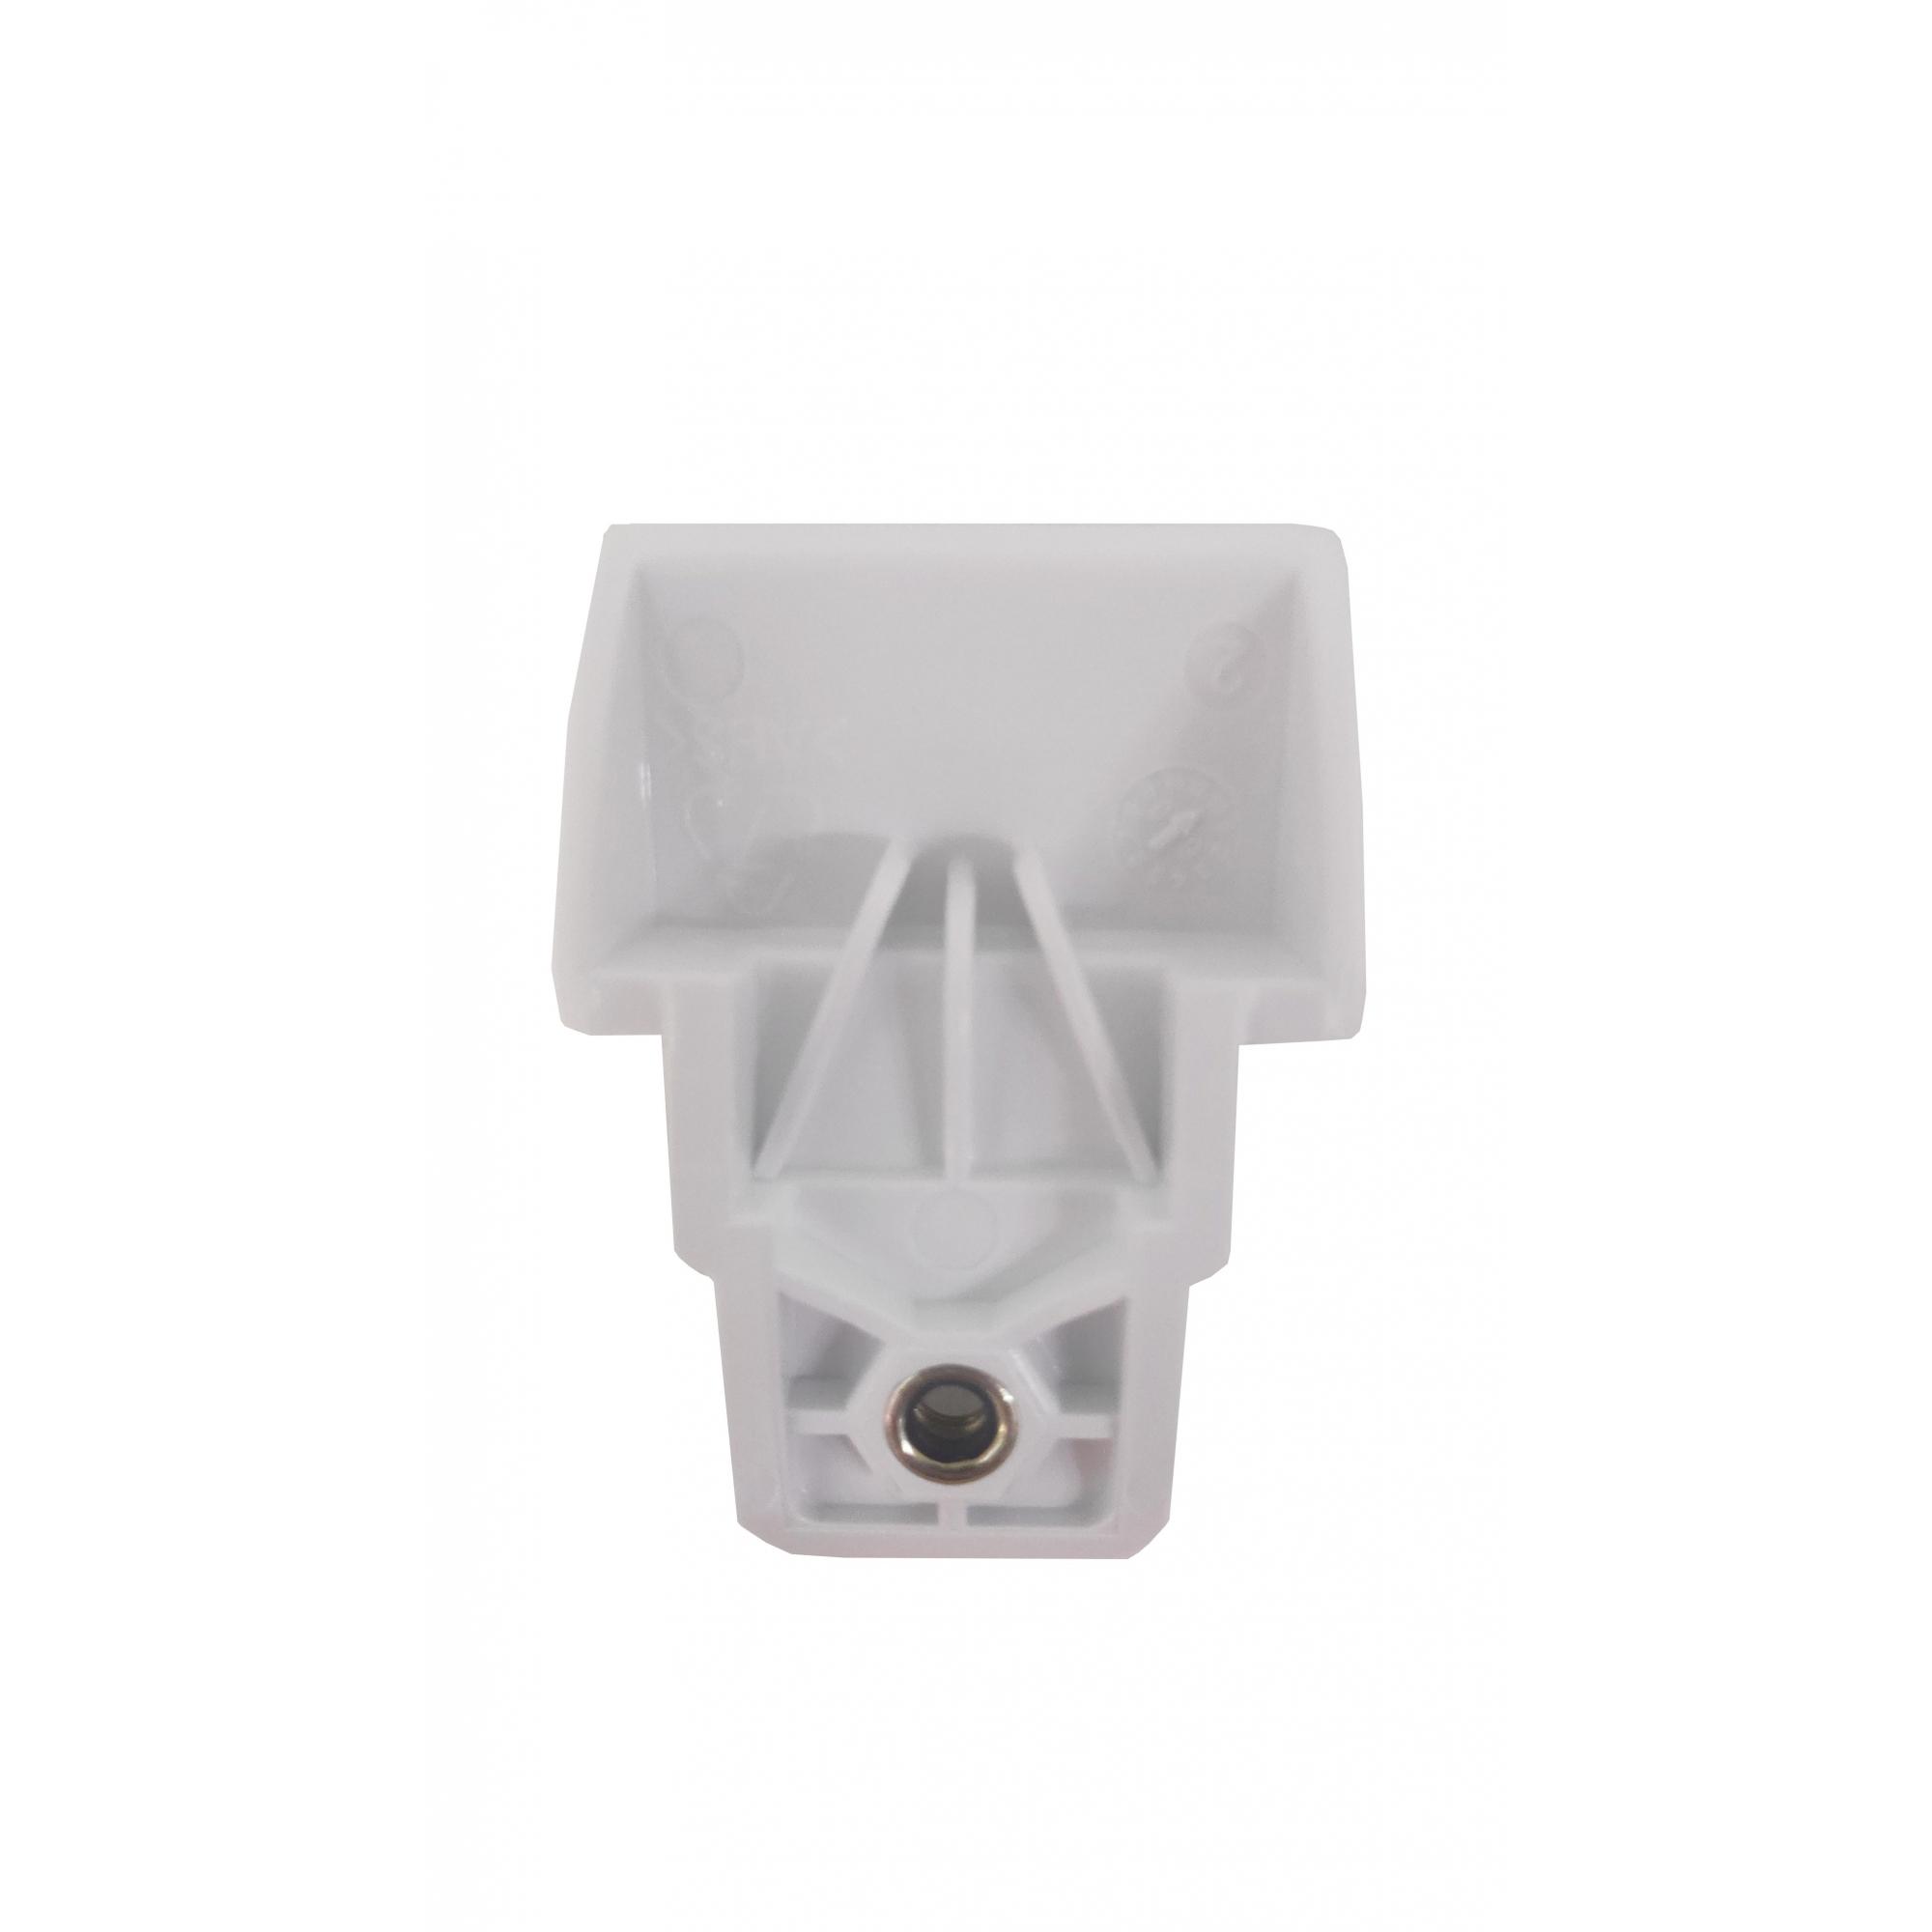 Suporte Puxador Branco Refrigerador Electrolux 67496080